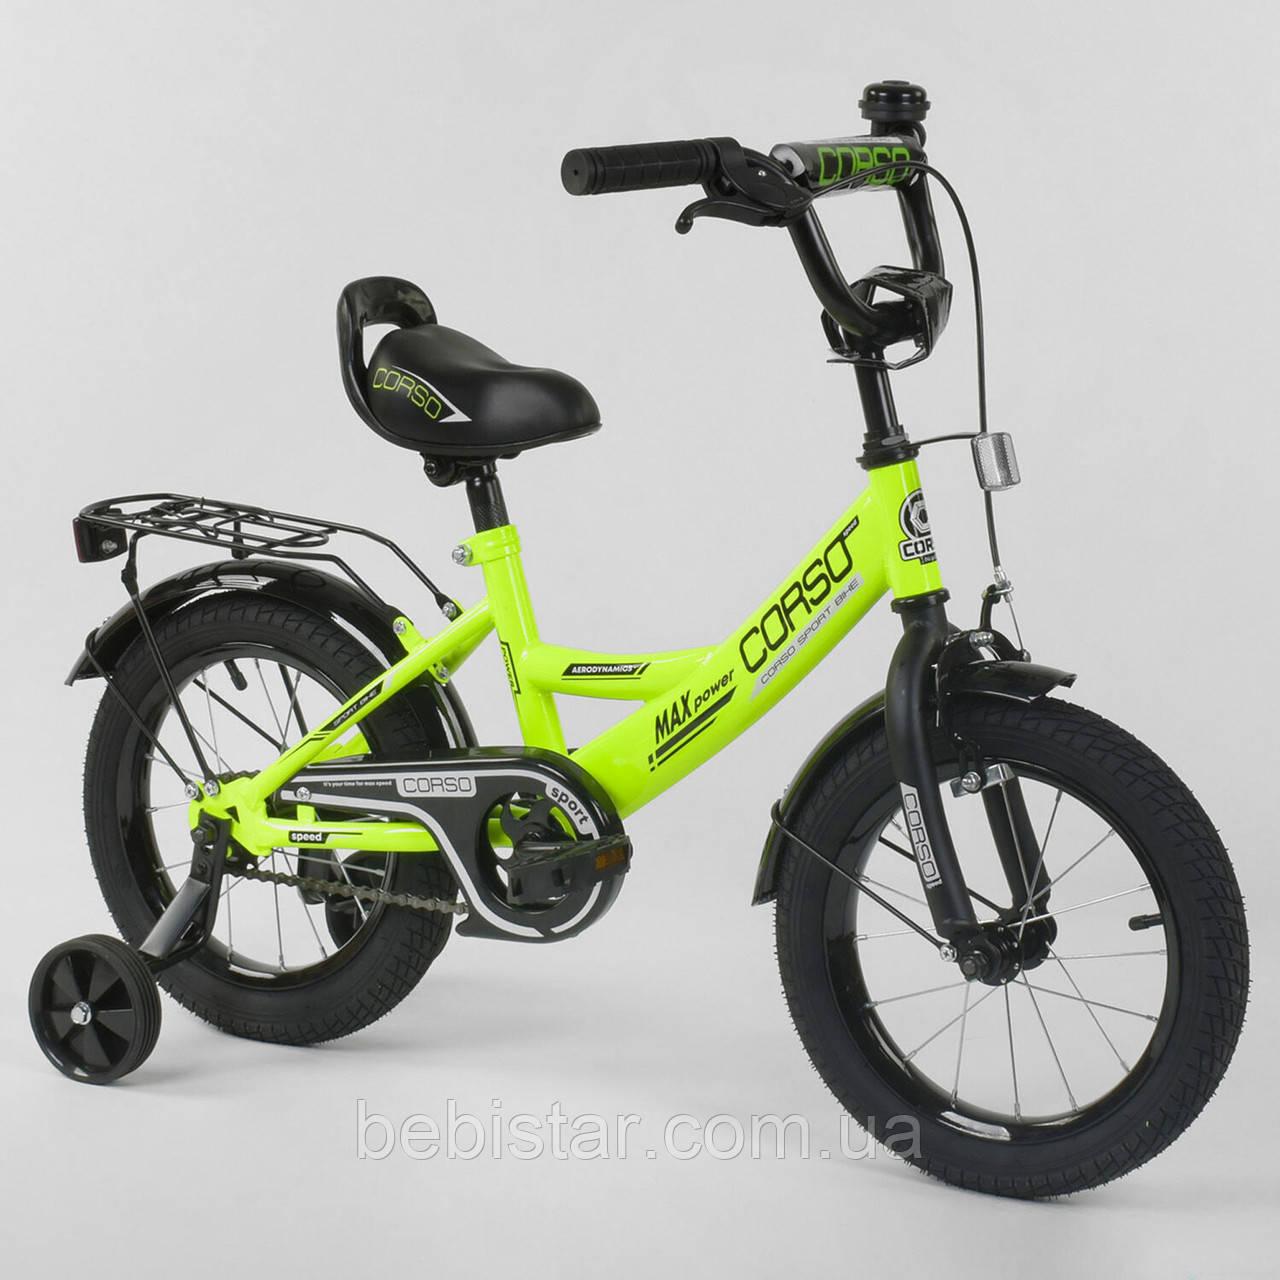 """Двухколесный детский велосипед желтый ручной тормоз звоночек Corso 14"""" деткам 3-5 лет"""